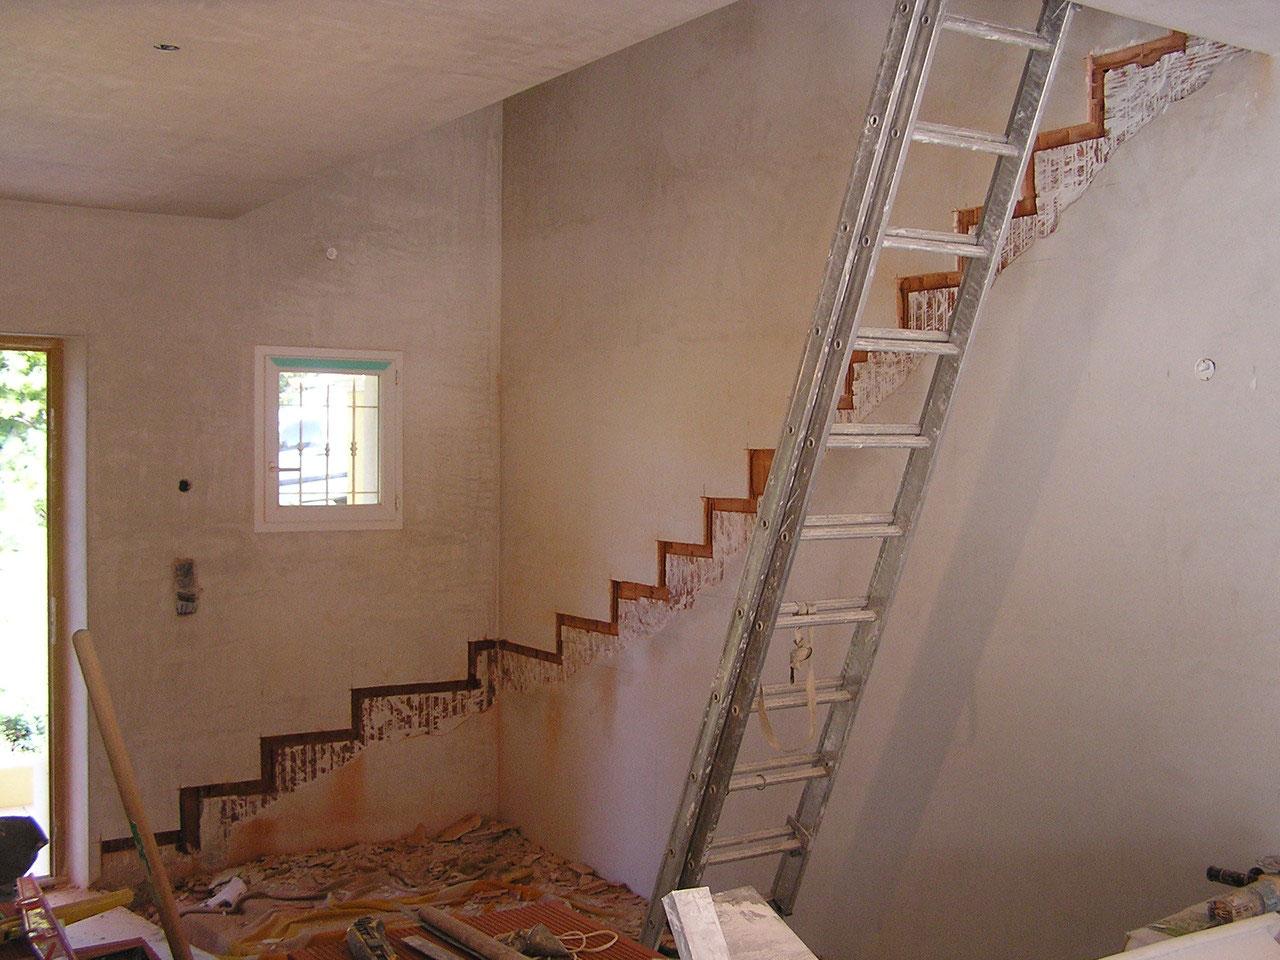 escaliers sur vo te sarrasine tout en pierre var. Black Bedroom Furniture Sets. Home Design Ideas